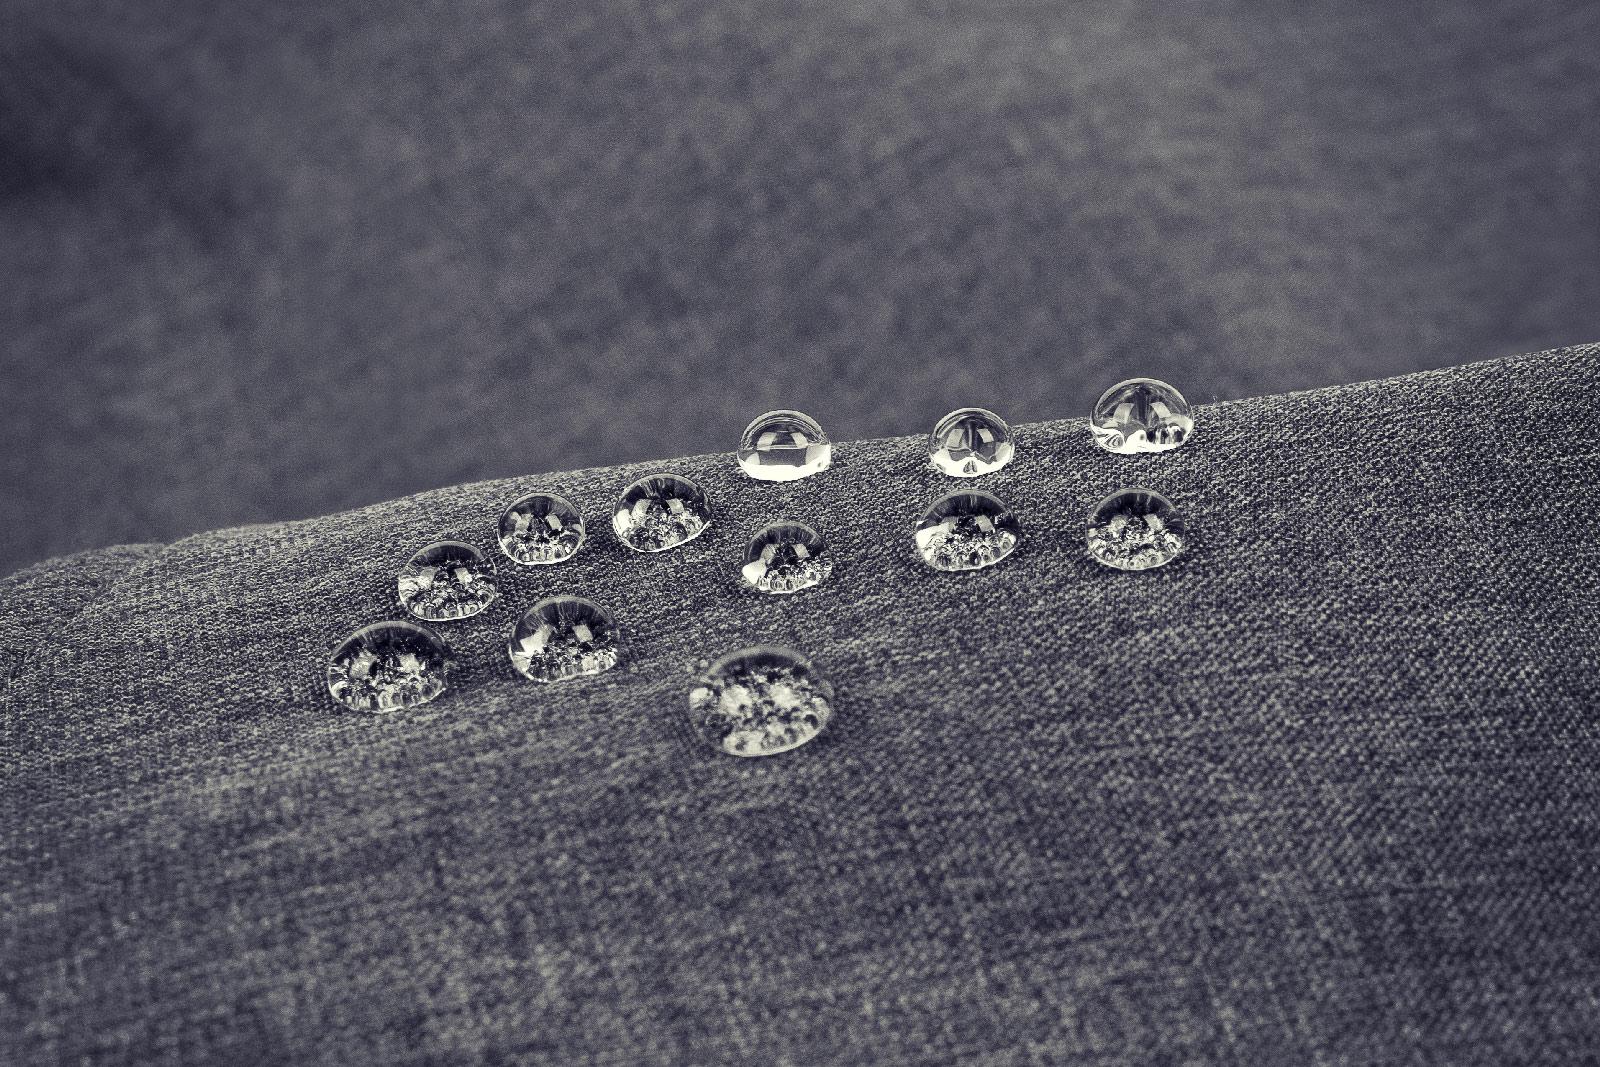 Photo de granules de bouteilles utilisée pour les manteaux alizée recyclés